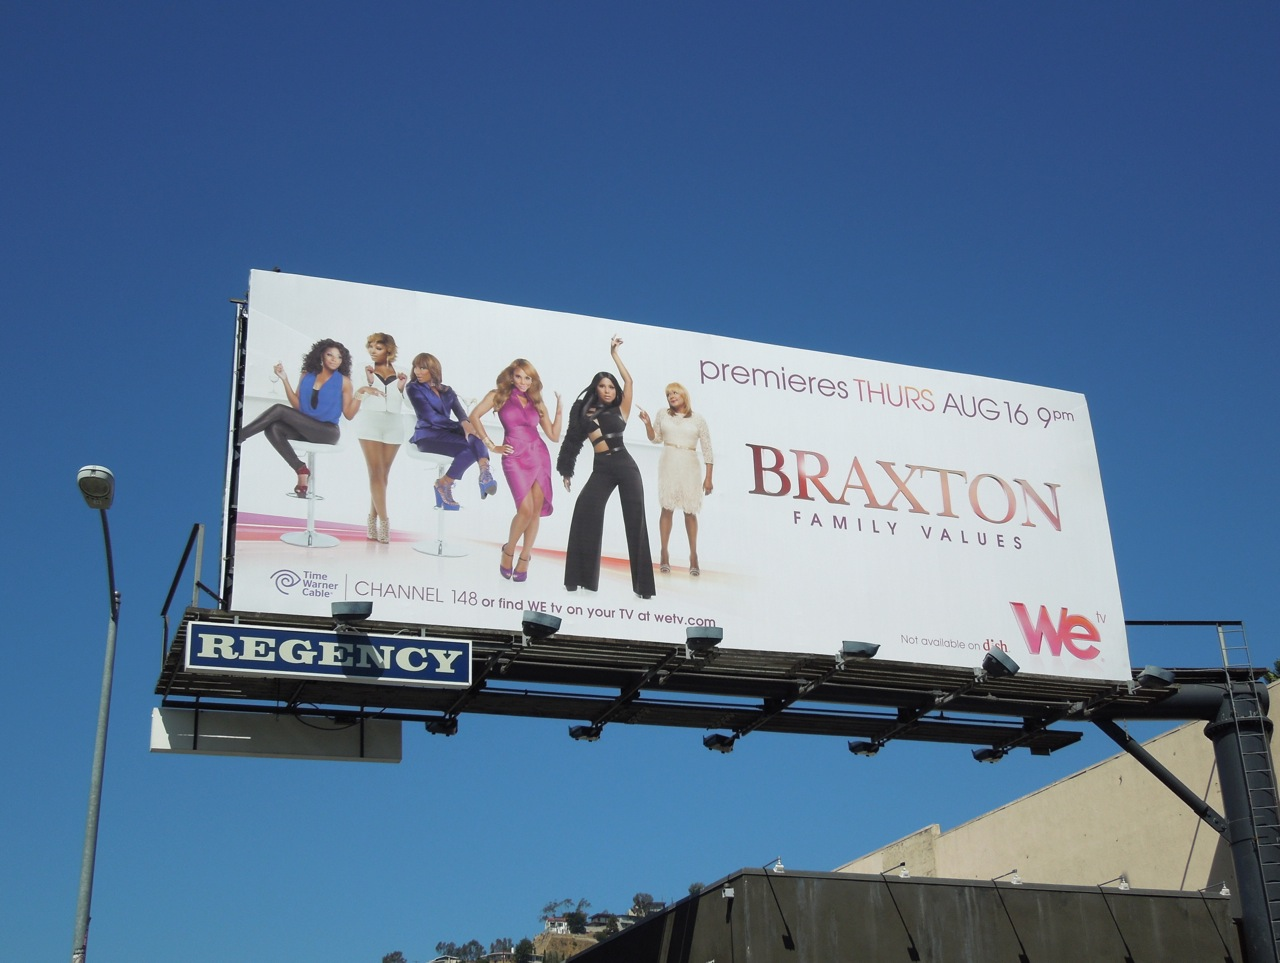 http://4.bp.blogspot.com/-nqT9G0E6Pew/UDe2gqRpyVI/AAAAAAAAxpQ/8BvG5eqKbjg/s1600/braxton+family+season3+billboard.jpg